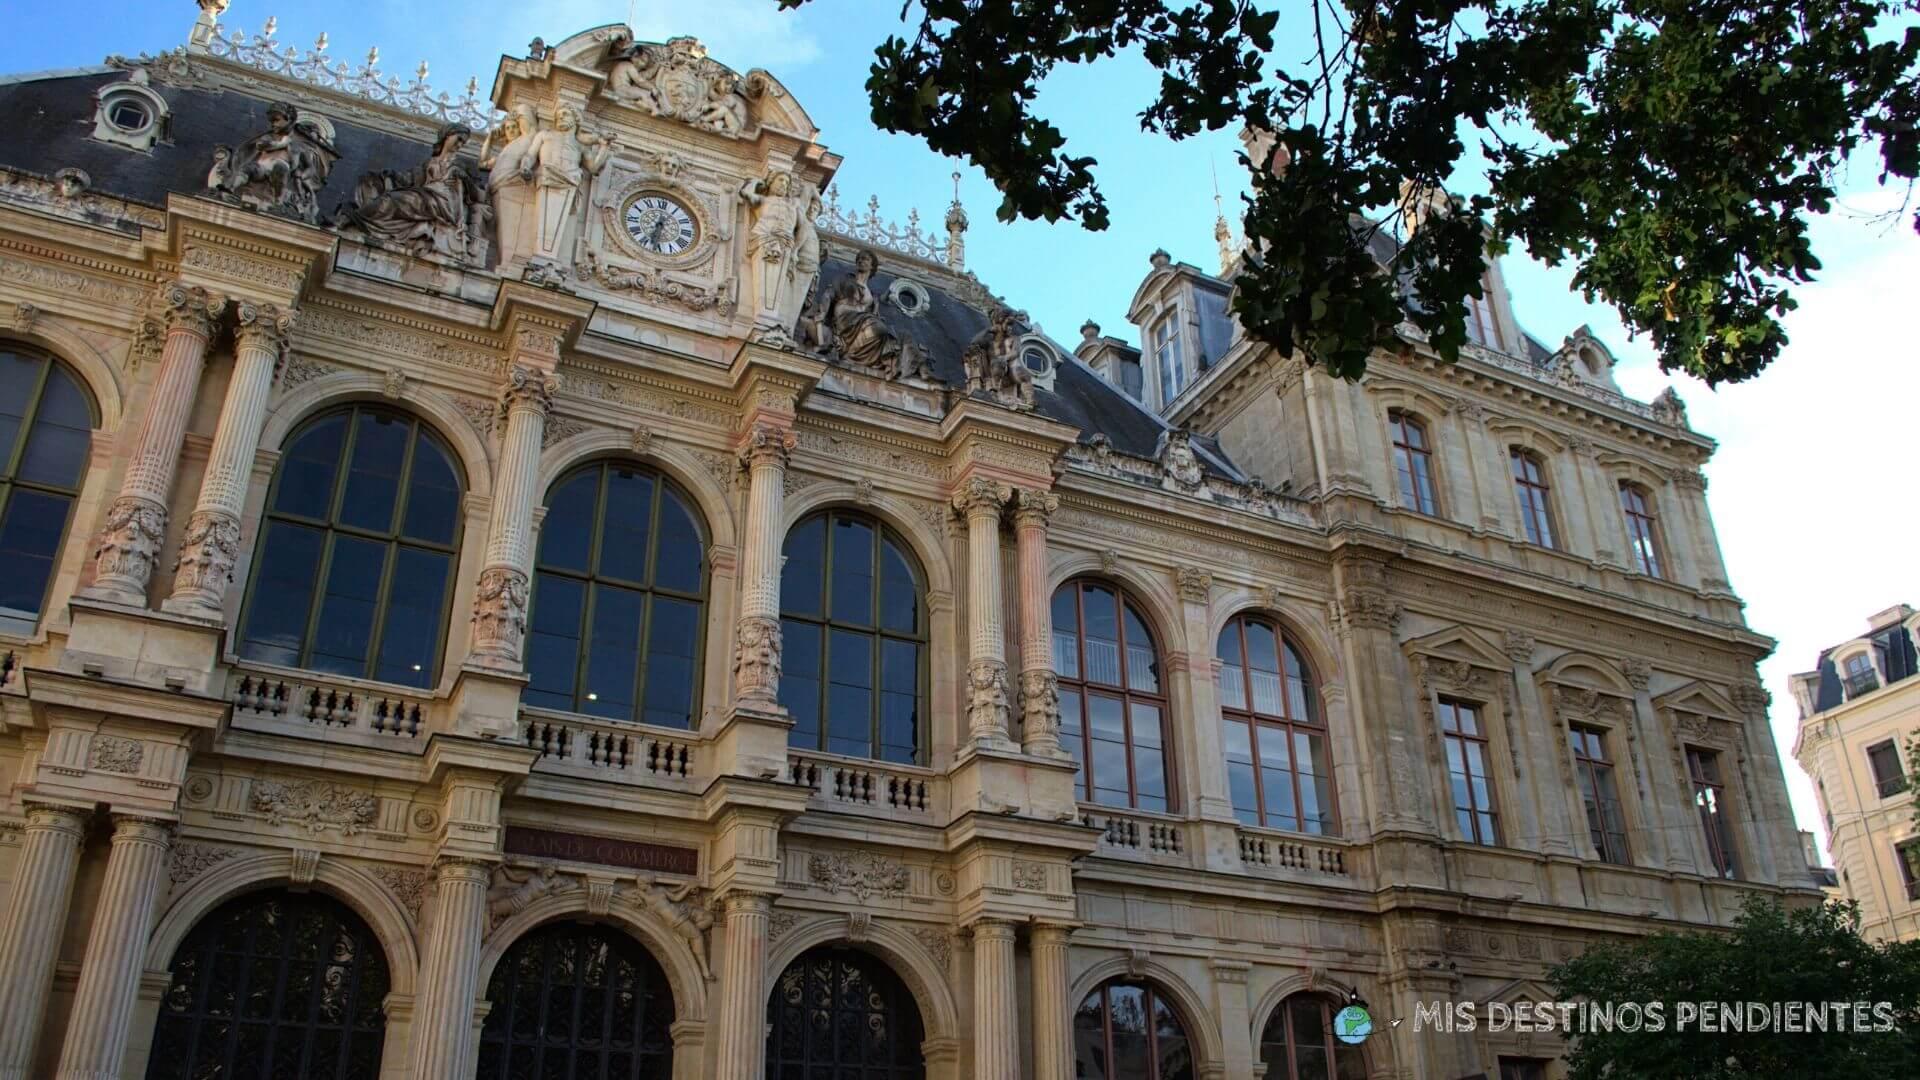 Palacio de la Bolsa (Lyon, Francia)